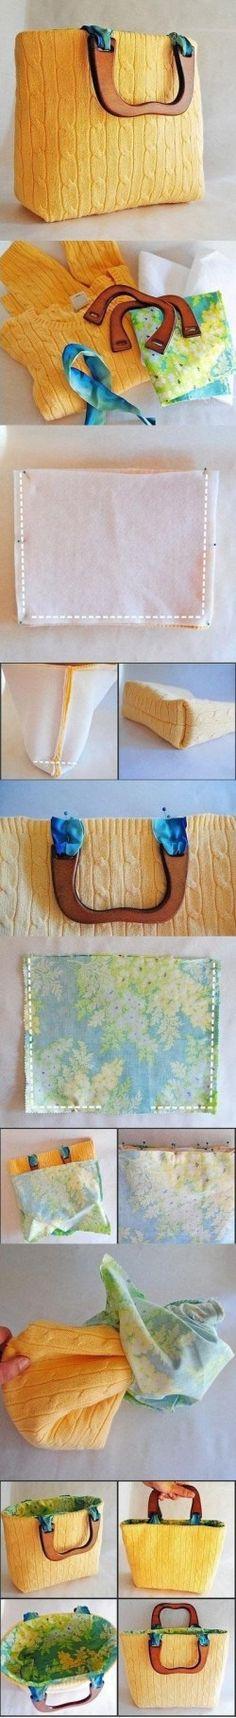 Idee riciclo, un maglione che diventa una borsa trendy